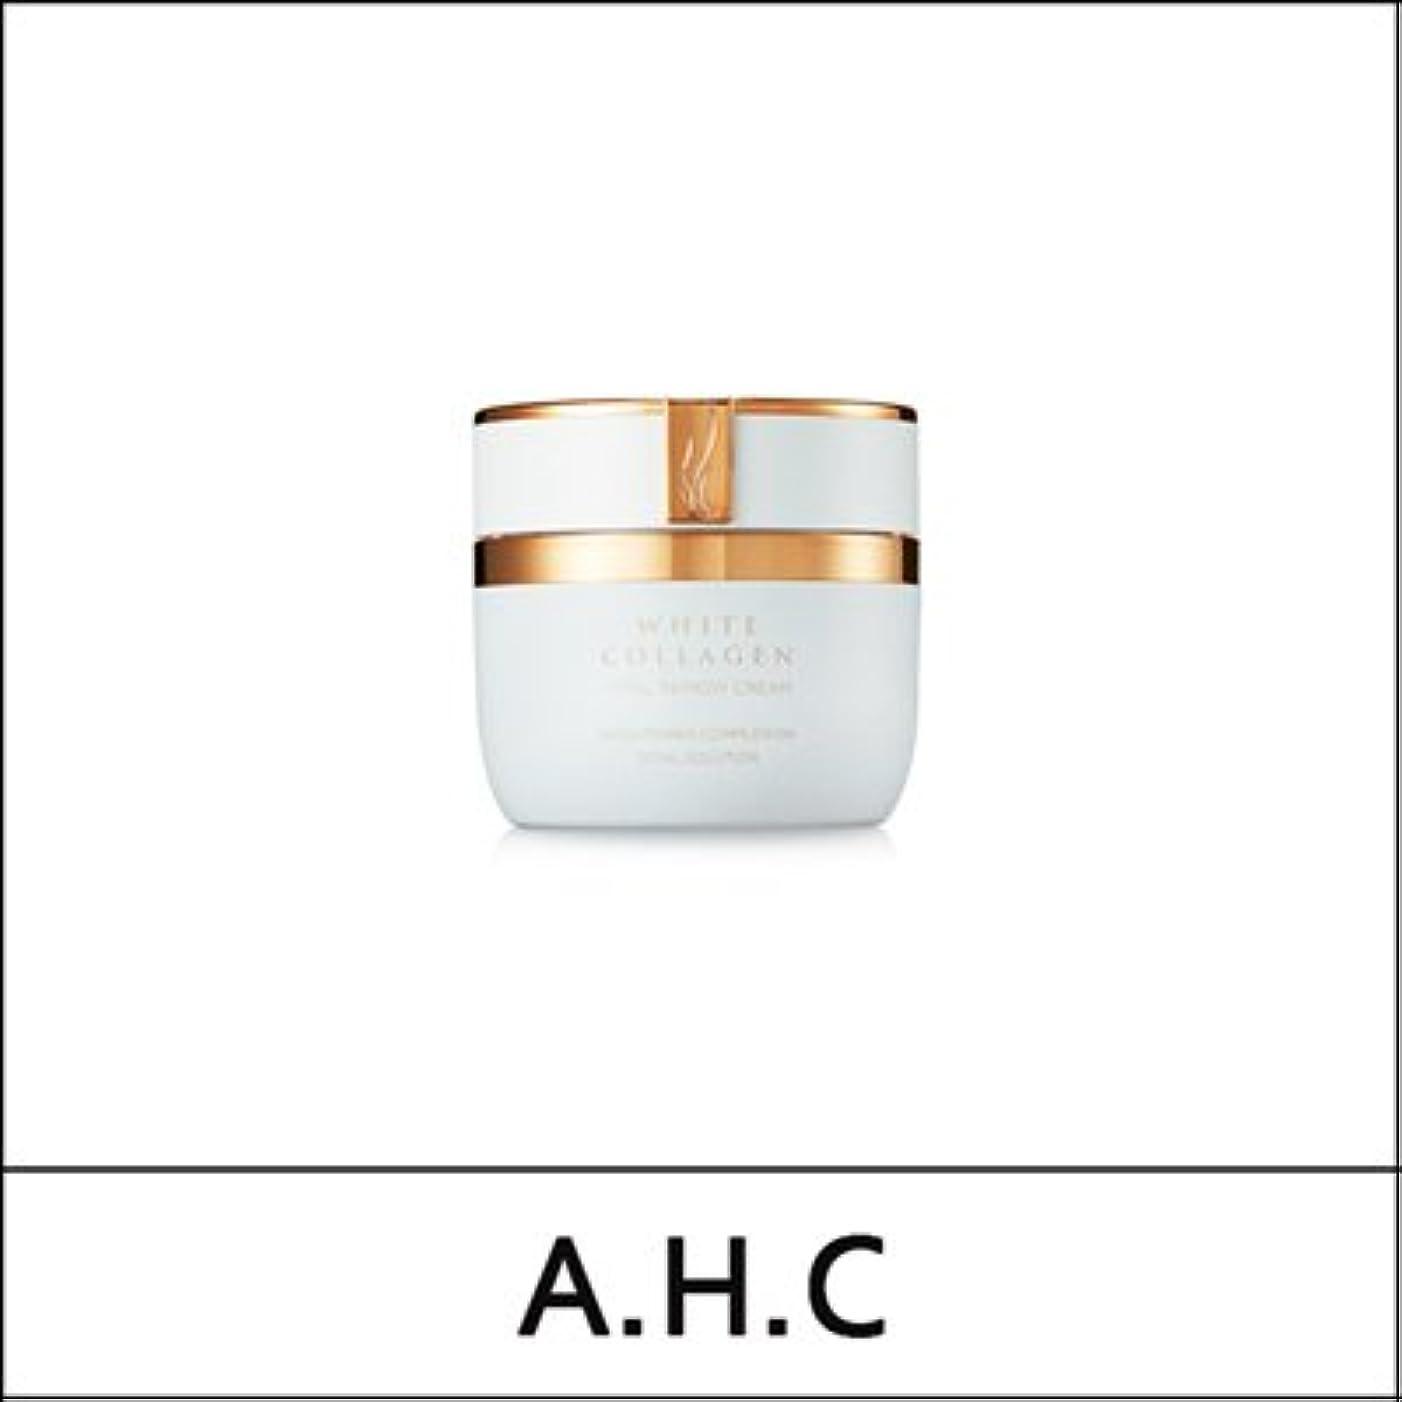 ベット論文変形A.H.C (AHC) White Collagen Total Remedy Cream 50g/A.H.C ホワイト コラーゲン トータル レミディ クリーム 50g [並行輸入品]